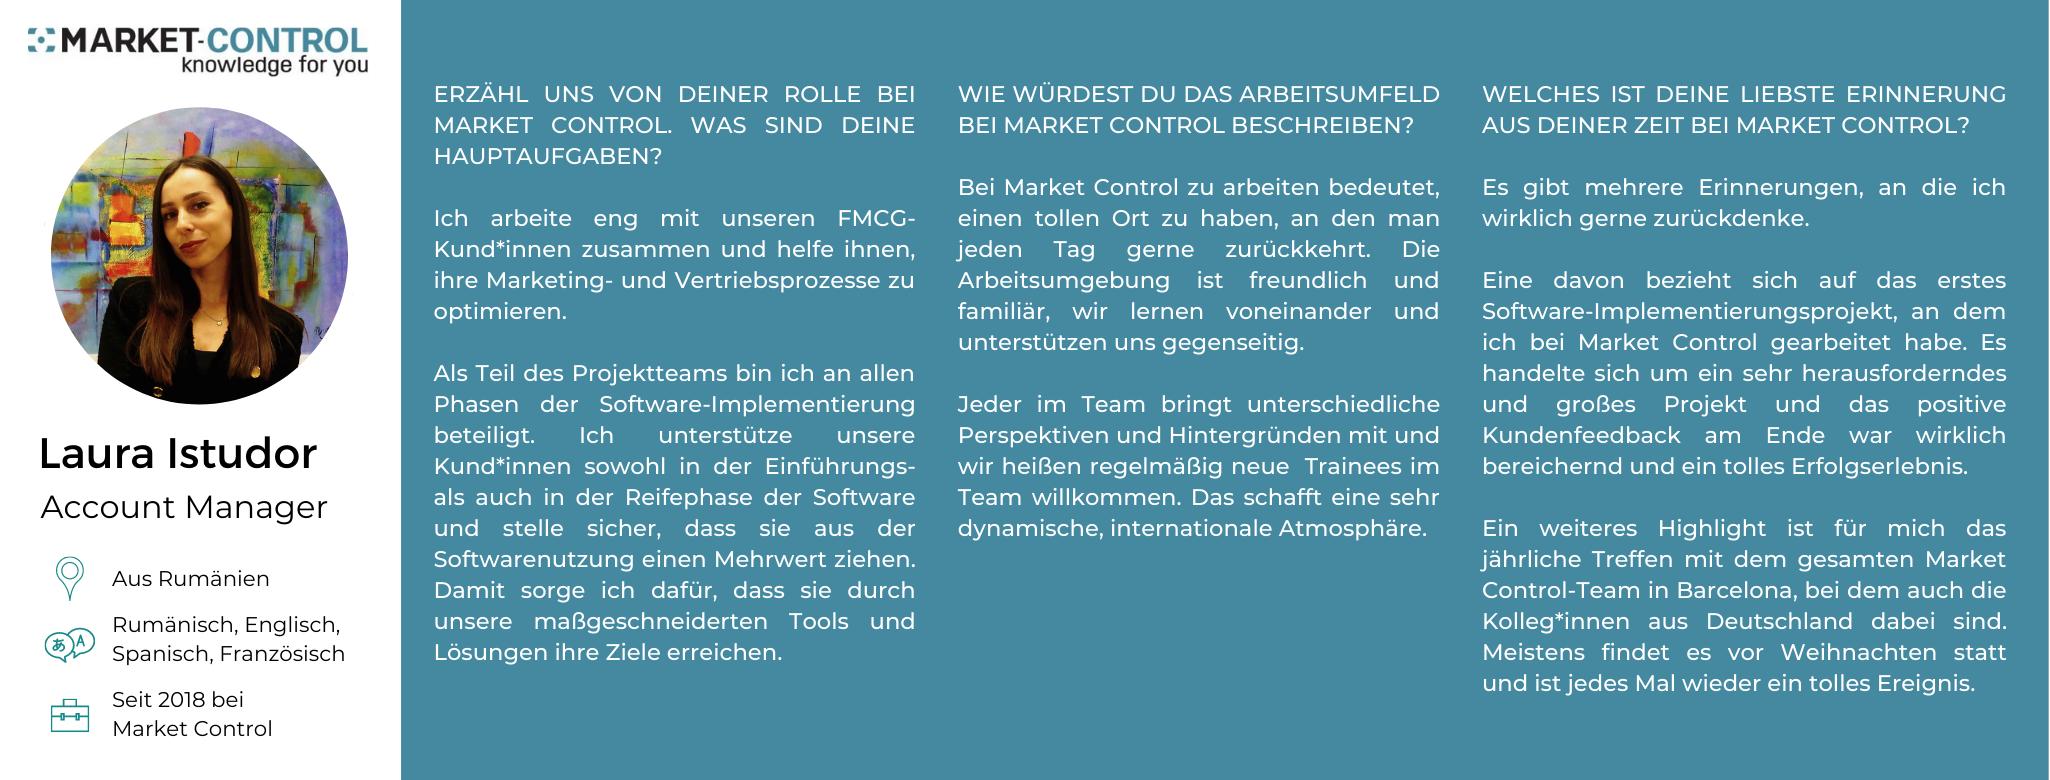 Das Market Control Team stellt sich vor